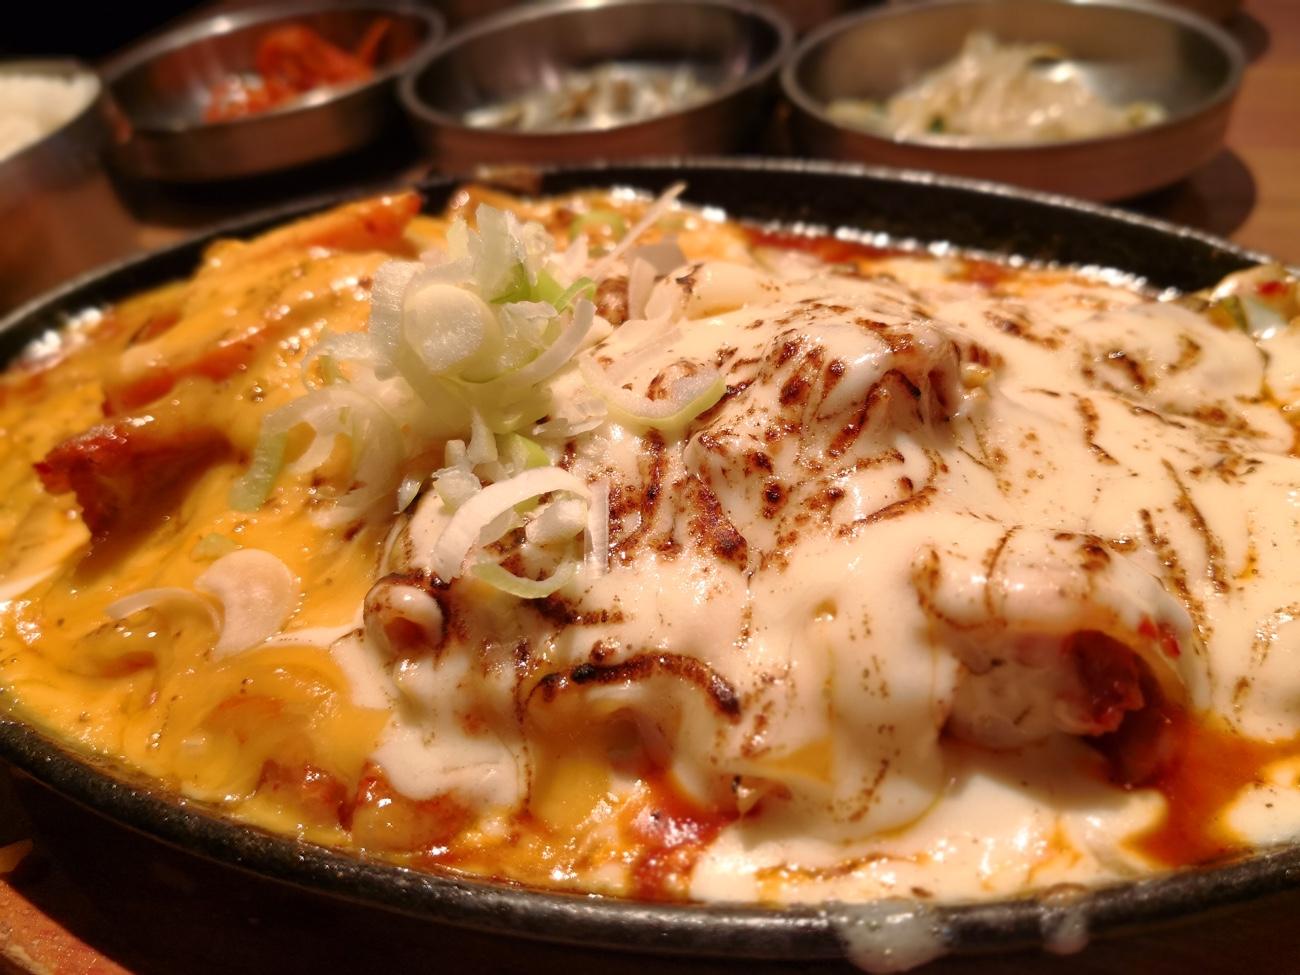 チーズタッカルビの豚版 赤坂美豚のランチ